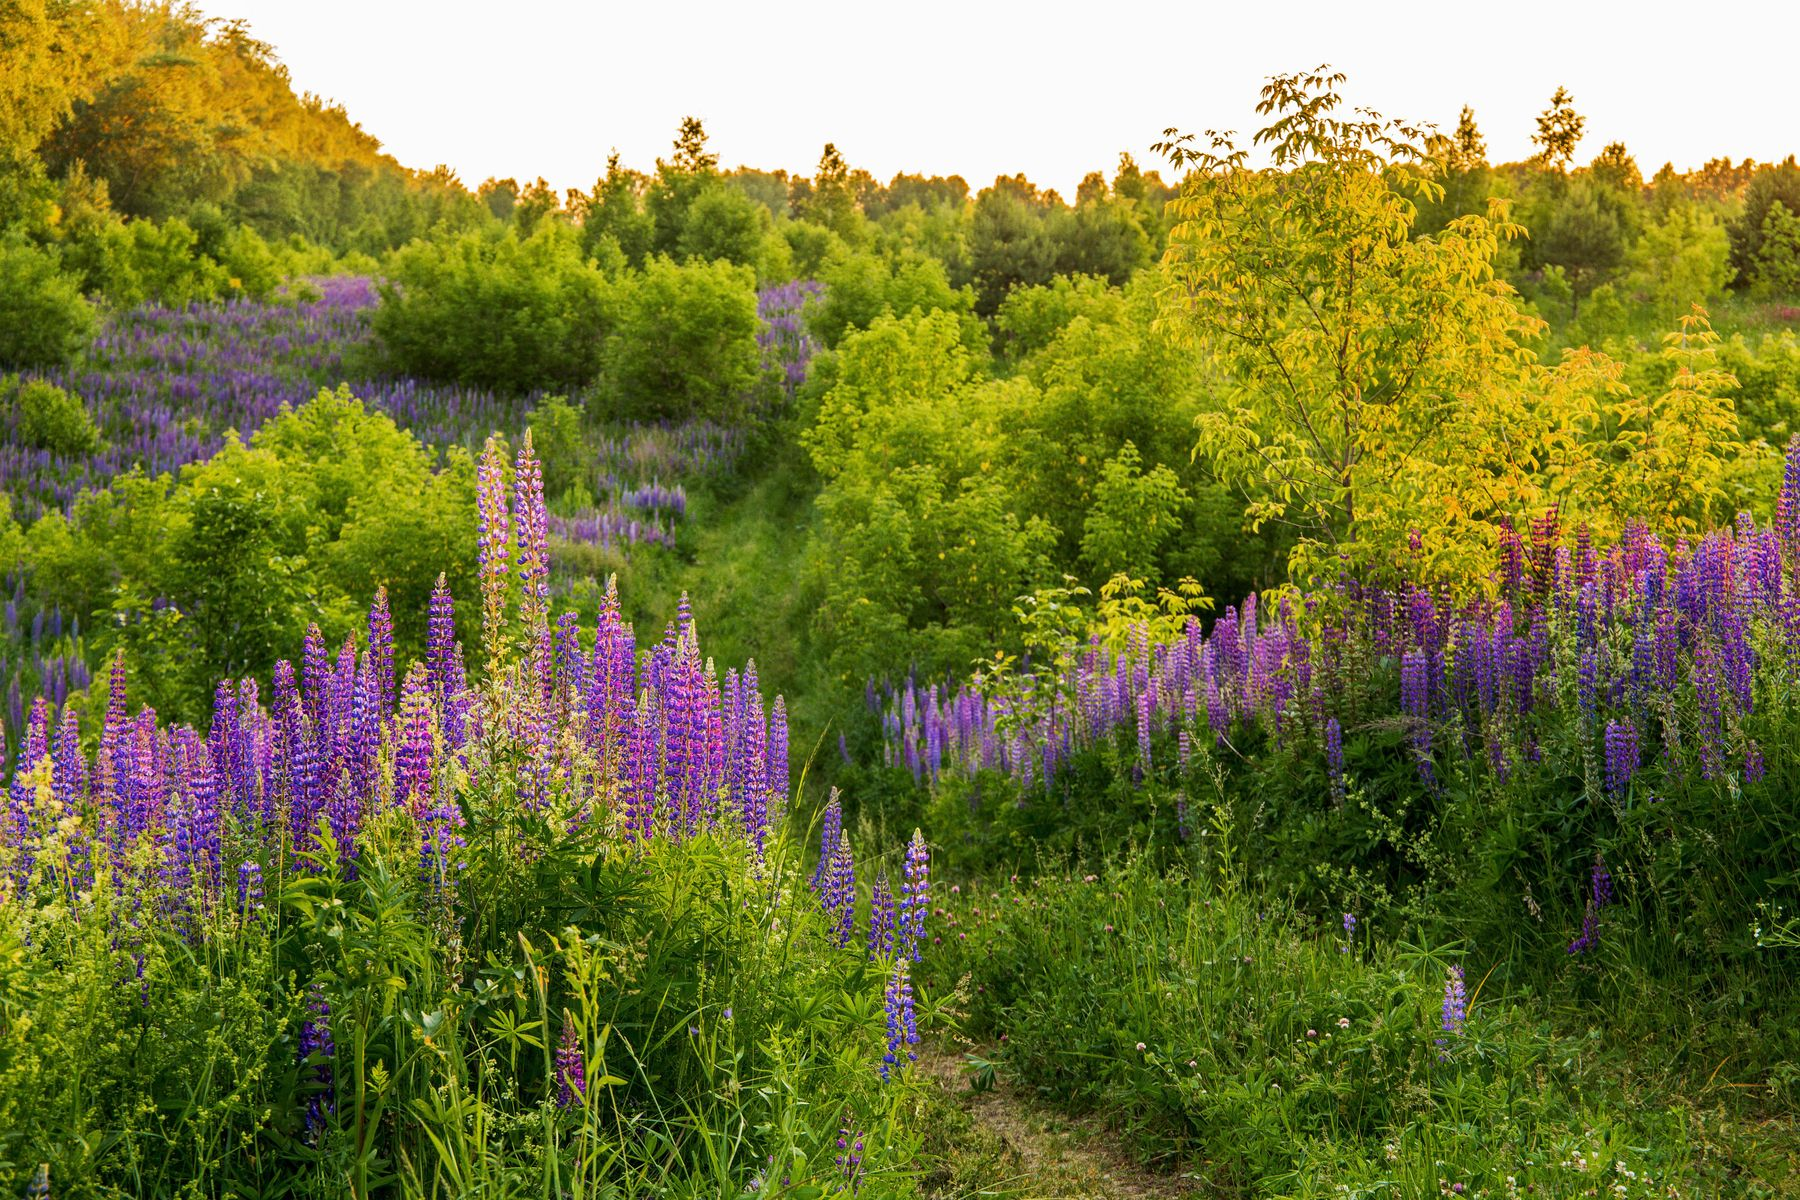 Люпины природа пейзаж татарстан новая тура лето вечер люпины